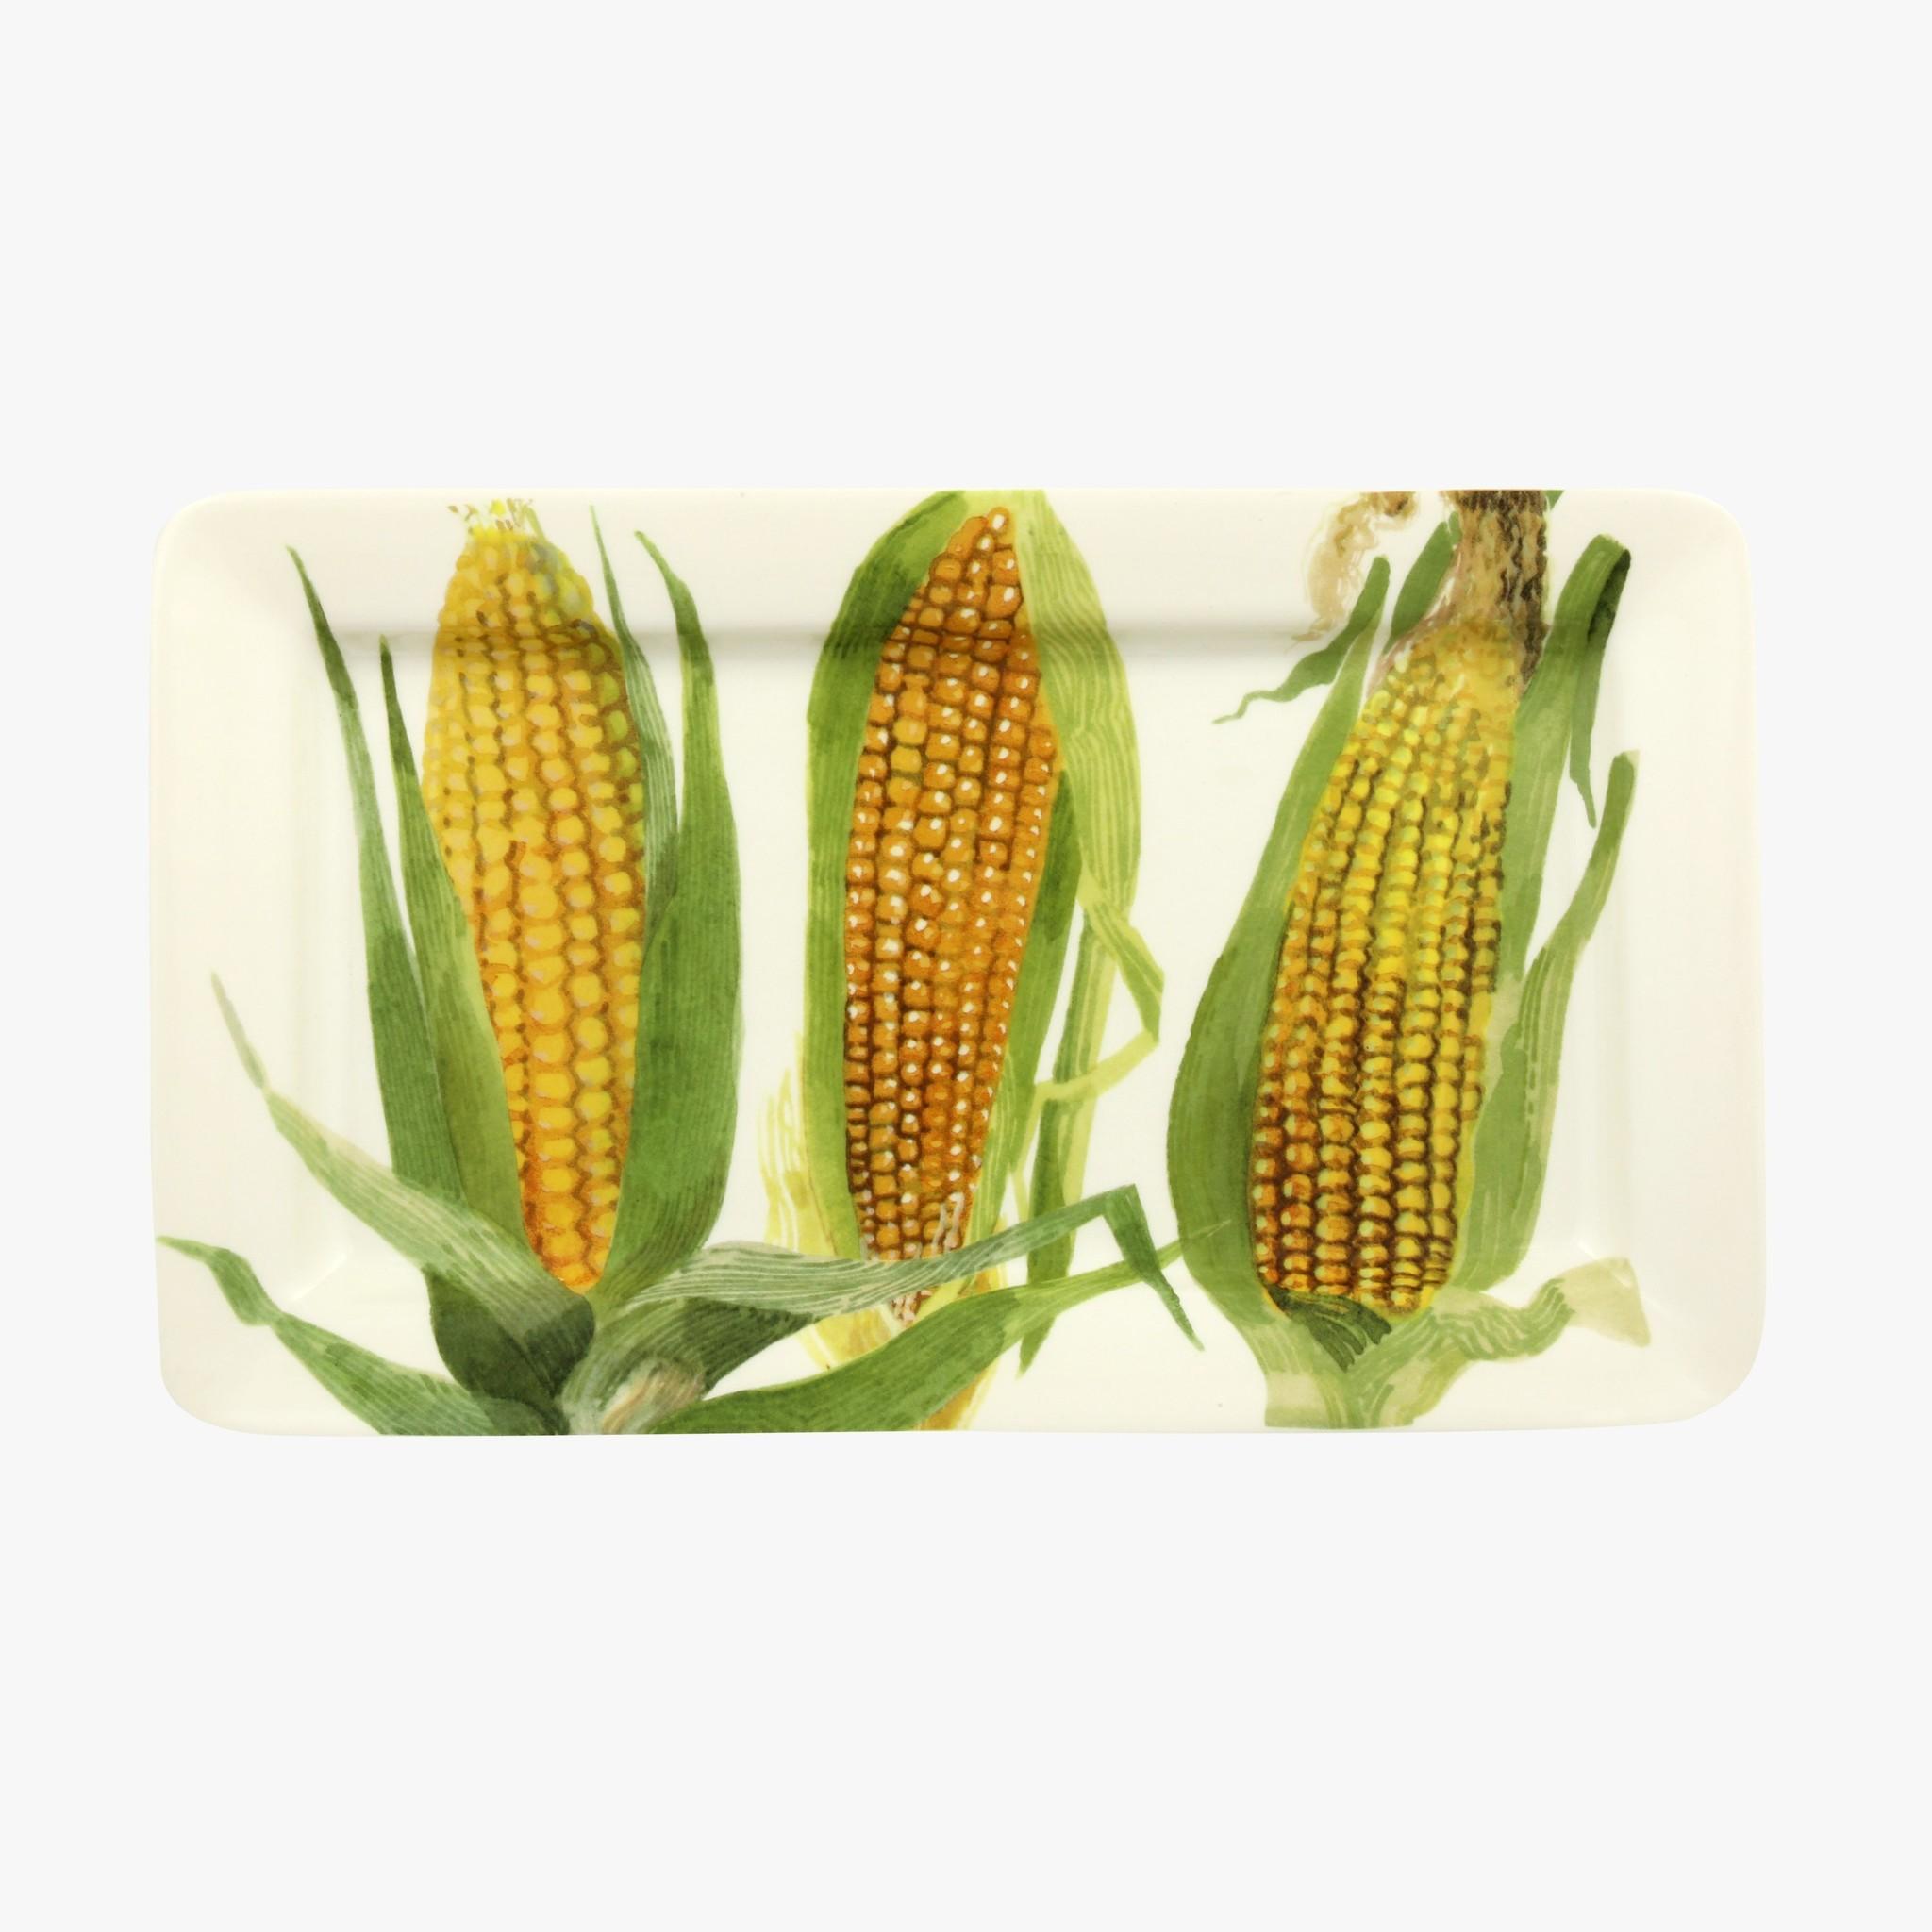 Veg. Garden - Oblong Plate - Med.-1